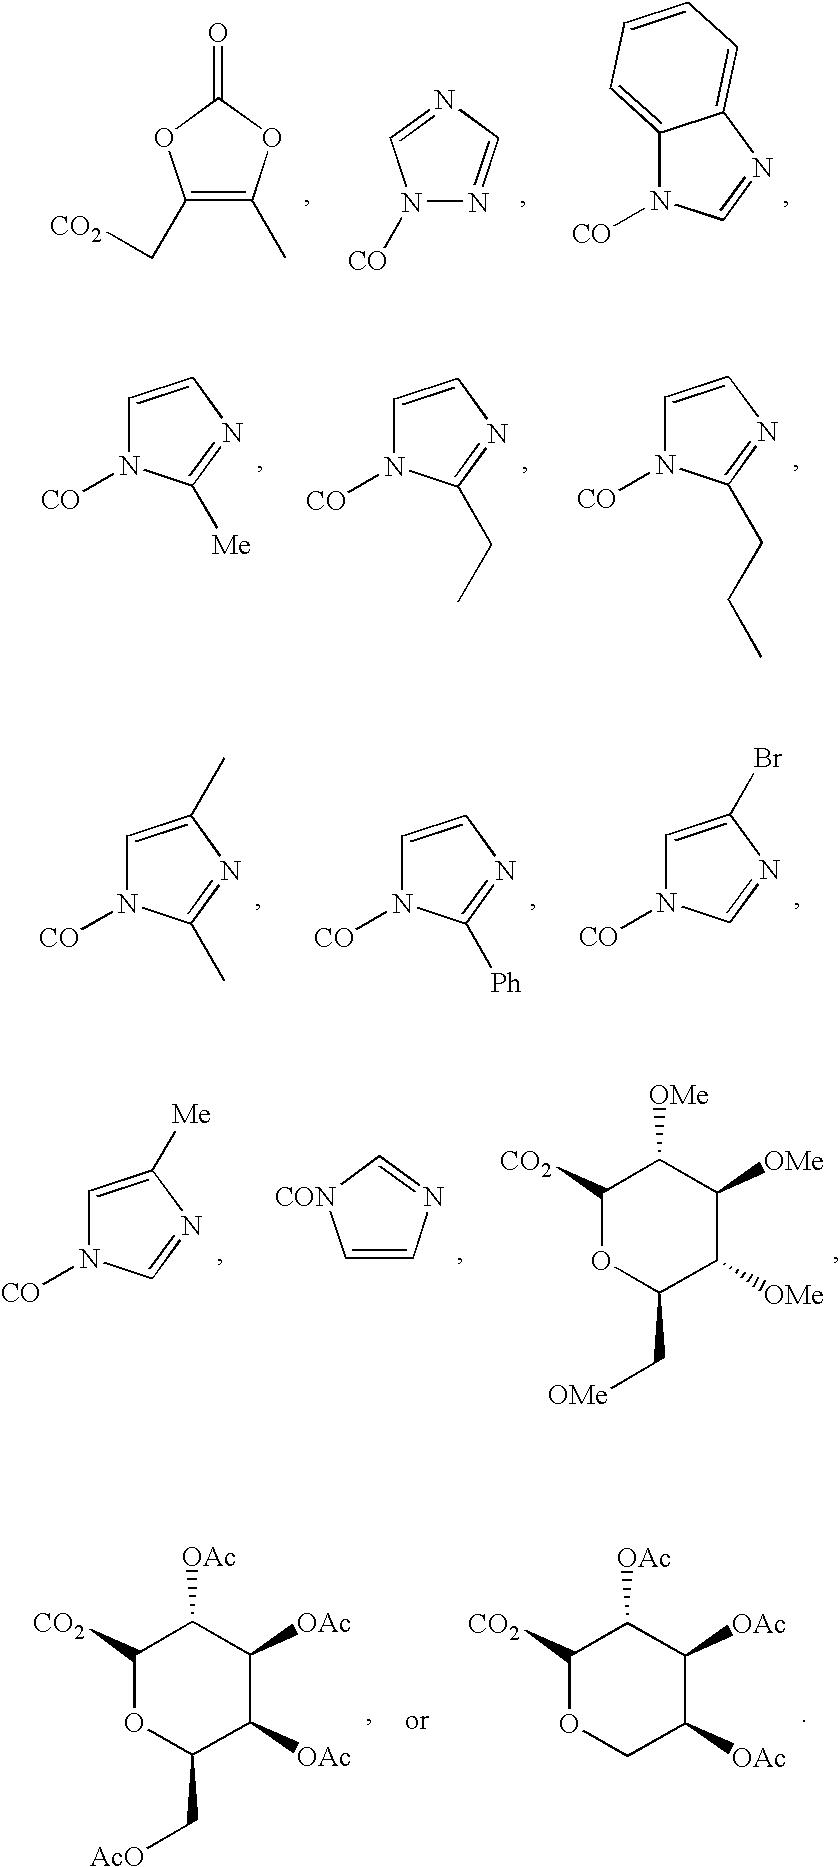 Figure US20040002463A1-20040101-C00030